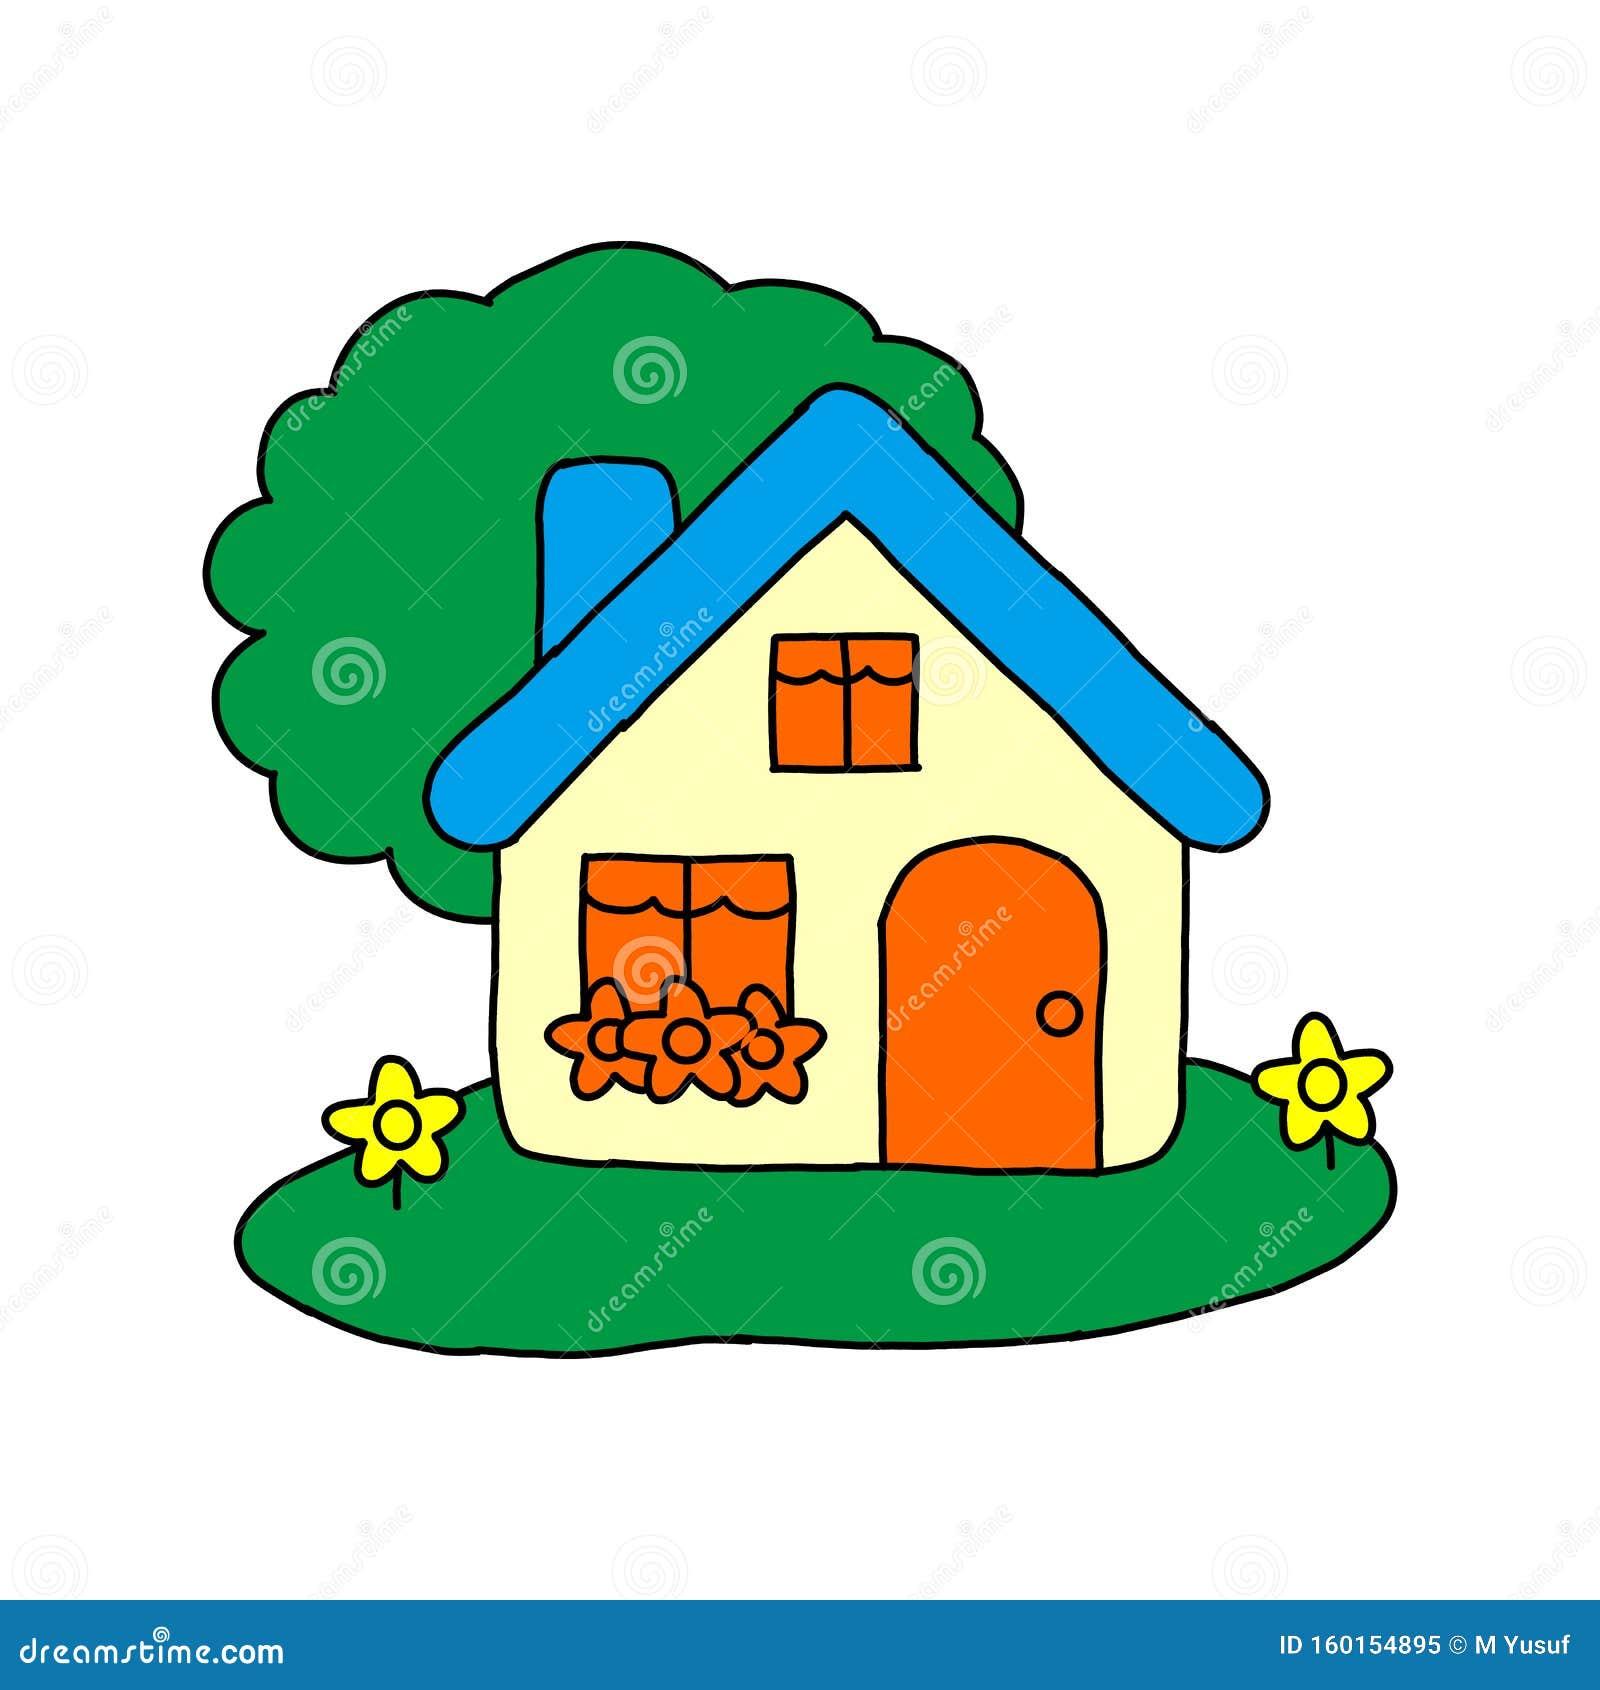 Illustration Vectorielle Concept De Dessin Pour Vente Maison Maison De Ville A La Maison Pour Le Concept De Vente Illustration De Vecteur Illustration Du Vectorielle Vente 160154895